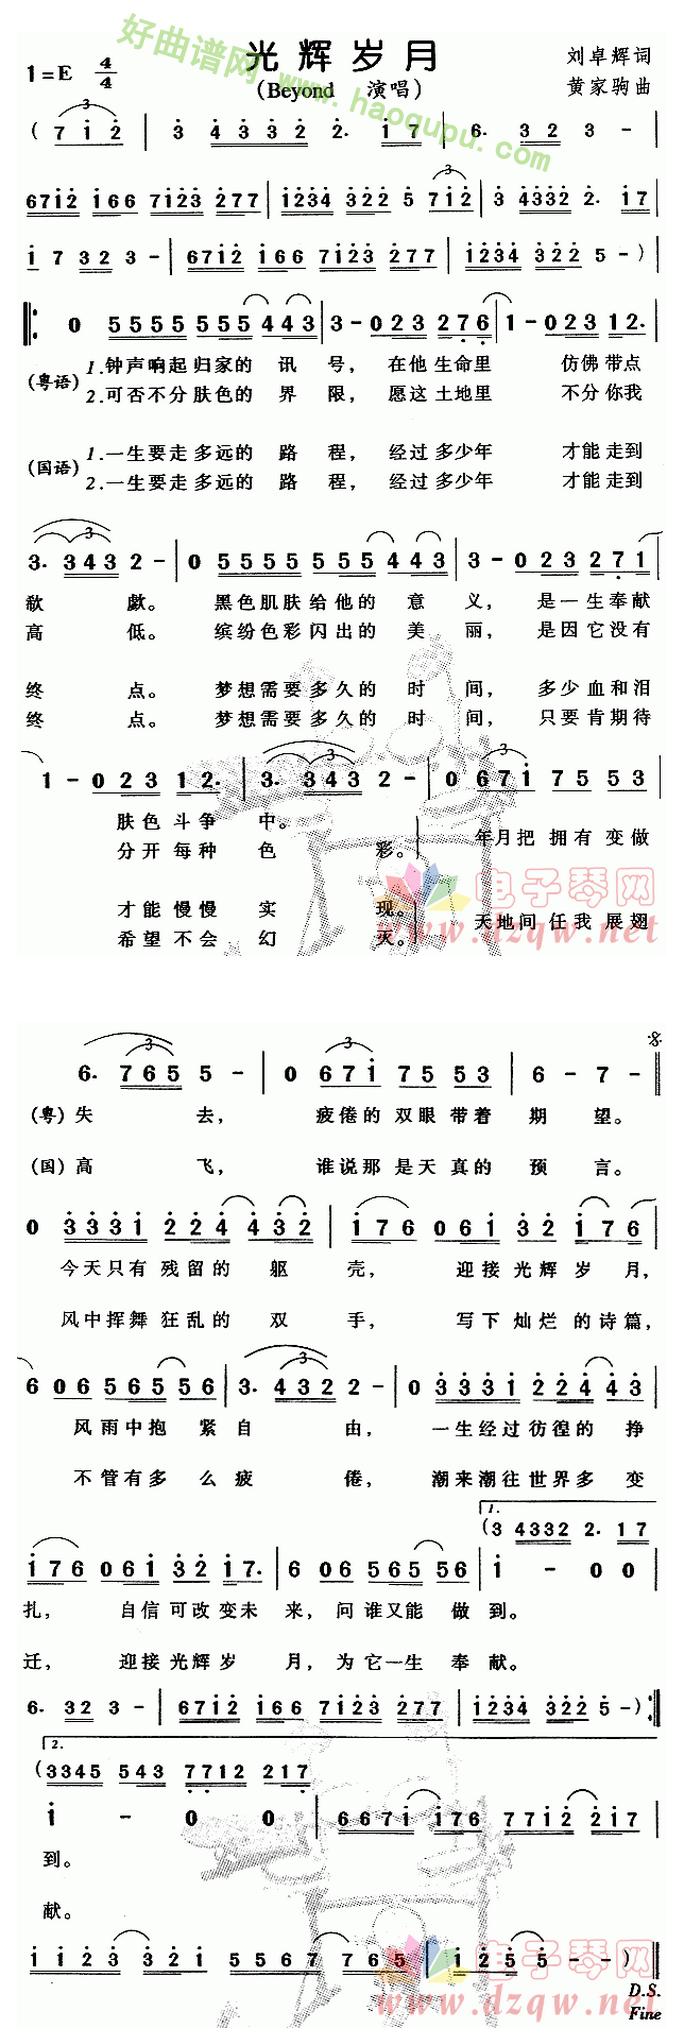 《光辉岁月》 电子琴简谱第1张图片